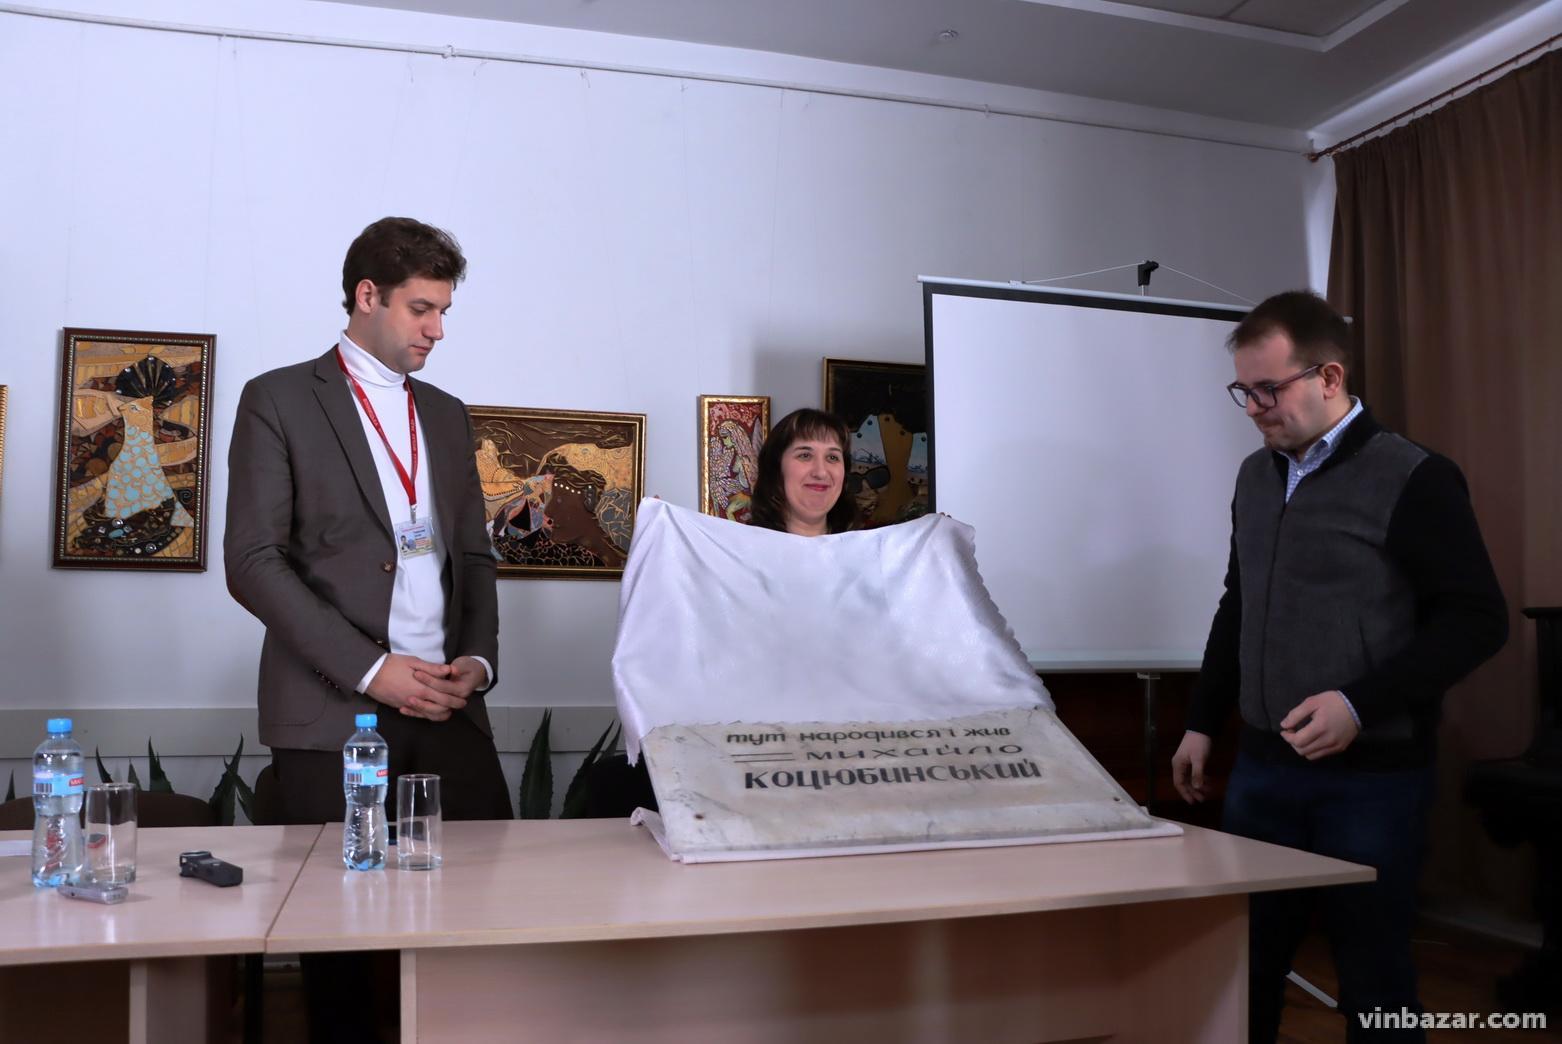 Вінницькі історики віднайшли меморіальну табличку музею Коцюбинського, втрачену 90 років тому (Фото)